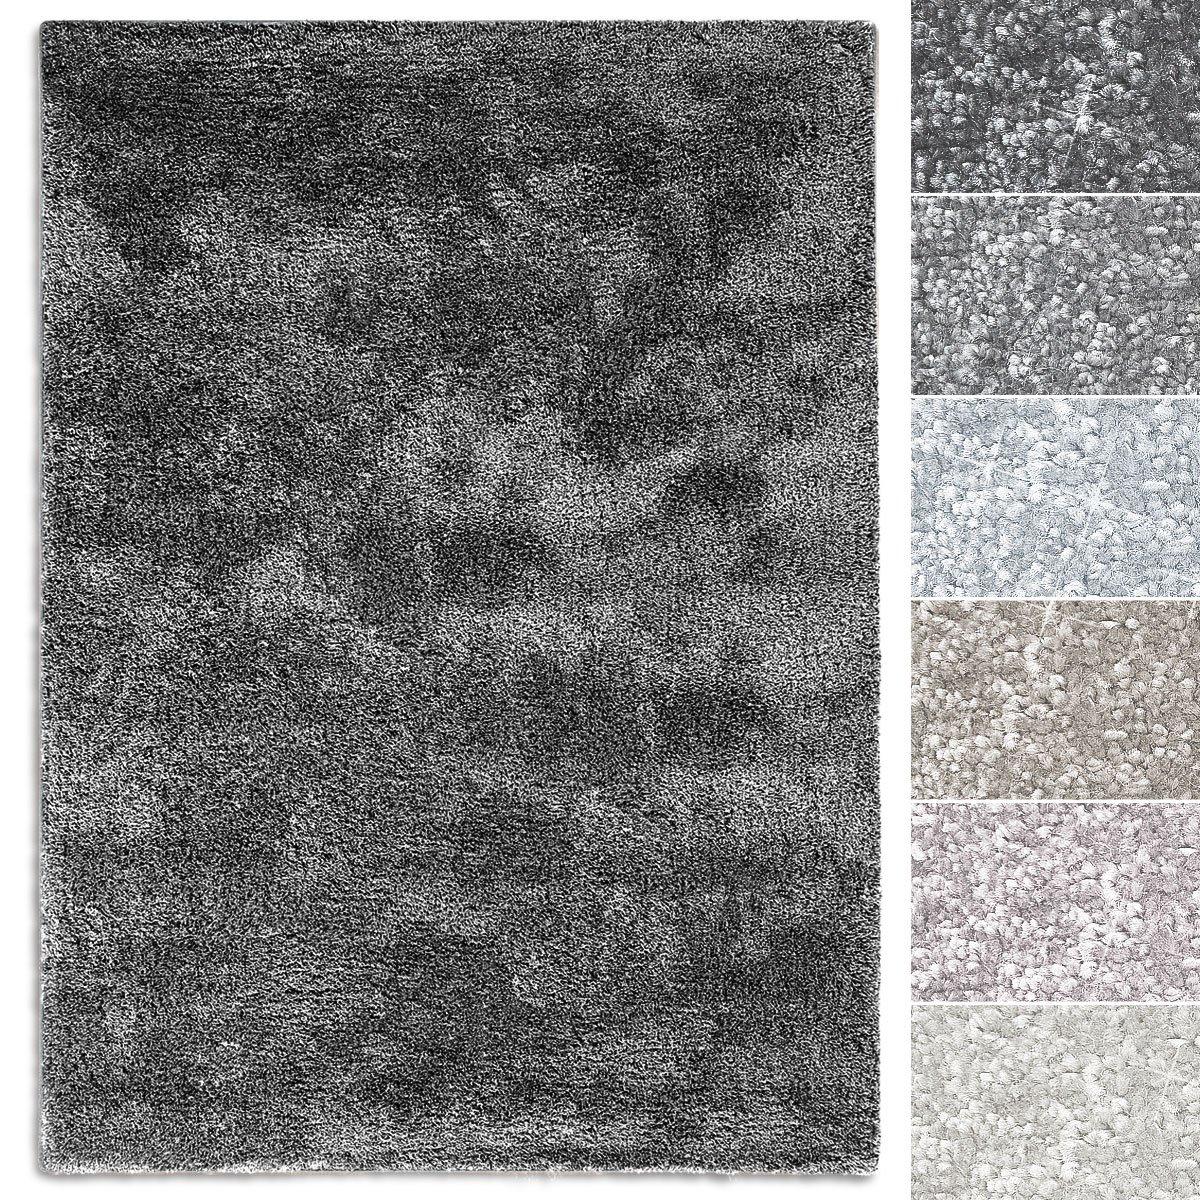 Casa pura Teppich Sundae     viele Größen   pflegeleicht kuschlig weich   Flurteppich, Wohnzimmerteppich, Küchenteppich, Schlafzimmerteppich (Silber - 300x400 cm) B07CWSRW6L Teppiche 2f5652